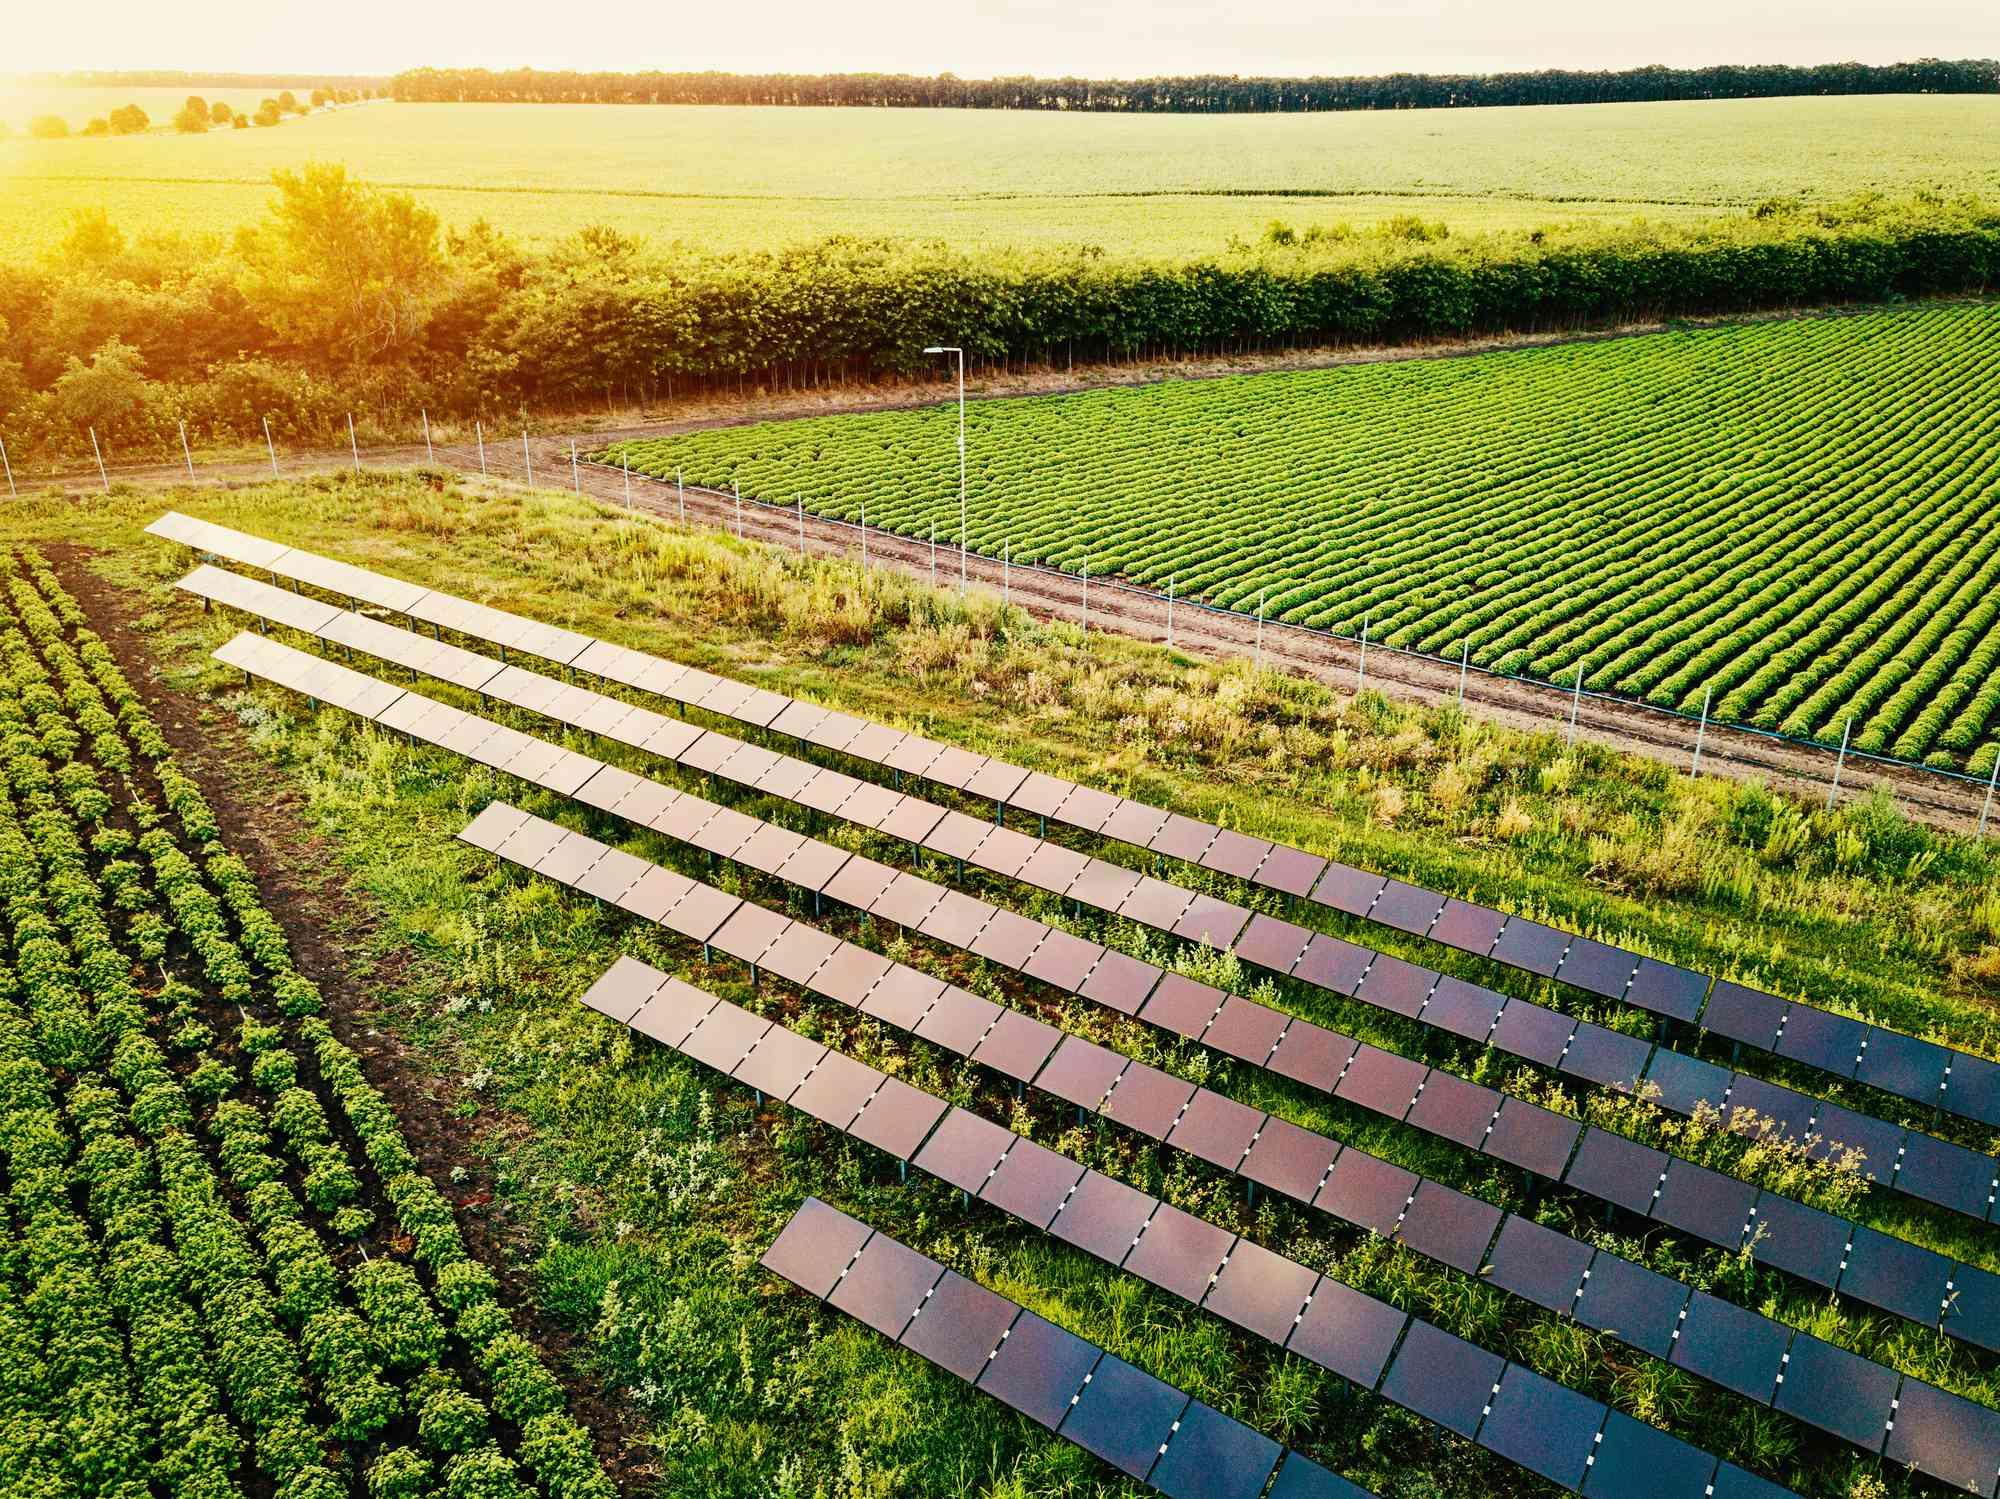 Solar power supply for the farm